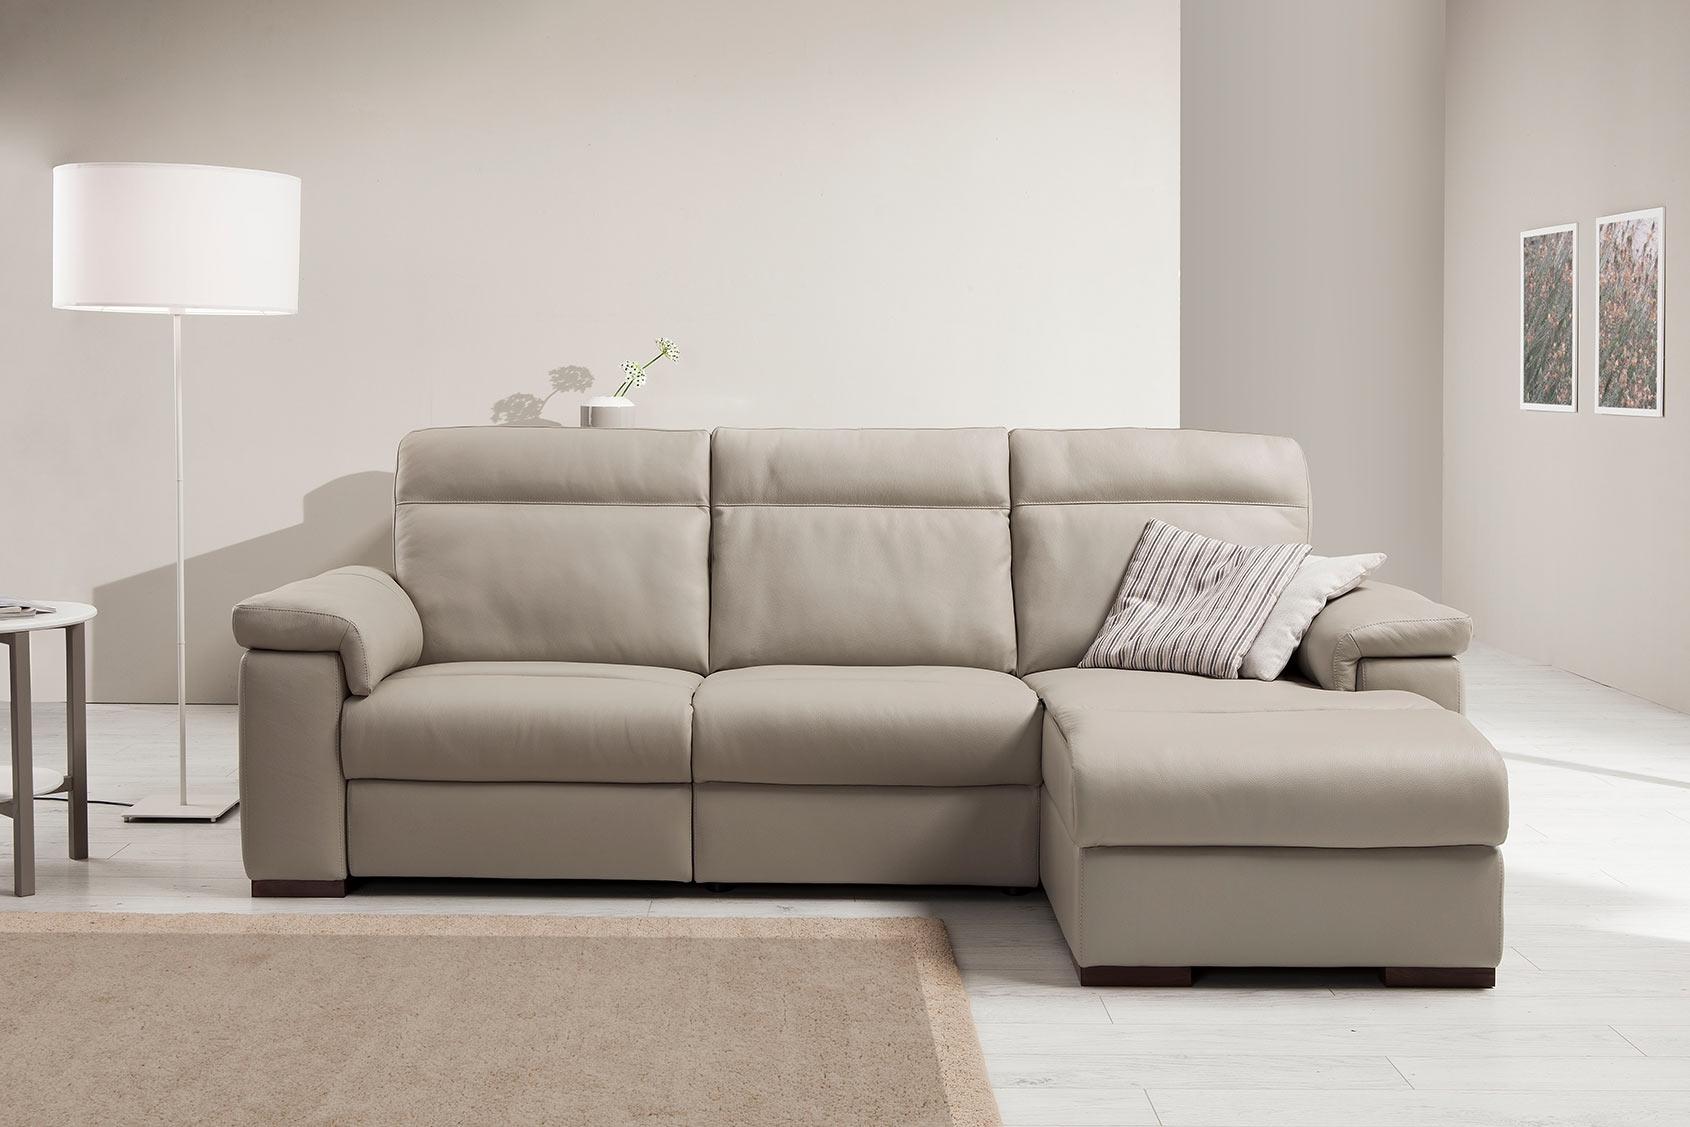 divano in pelle con penisola modello loryan egoitaliano